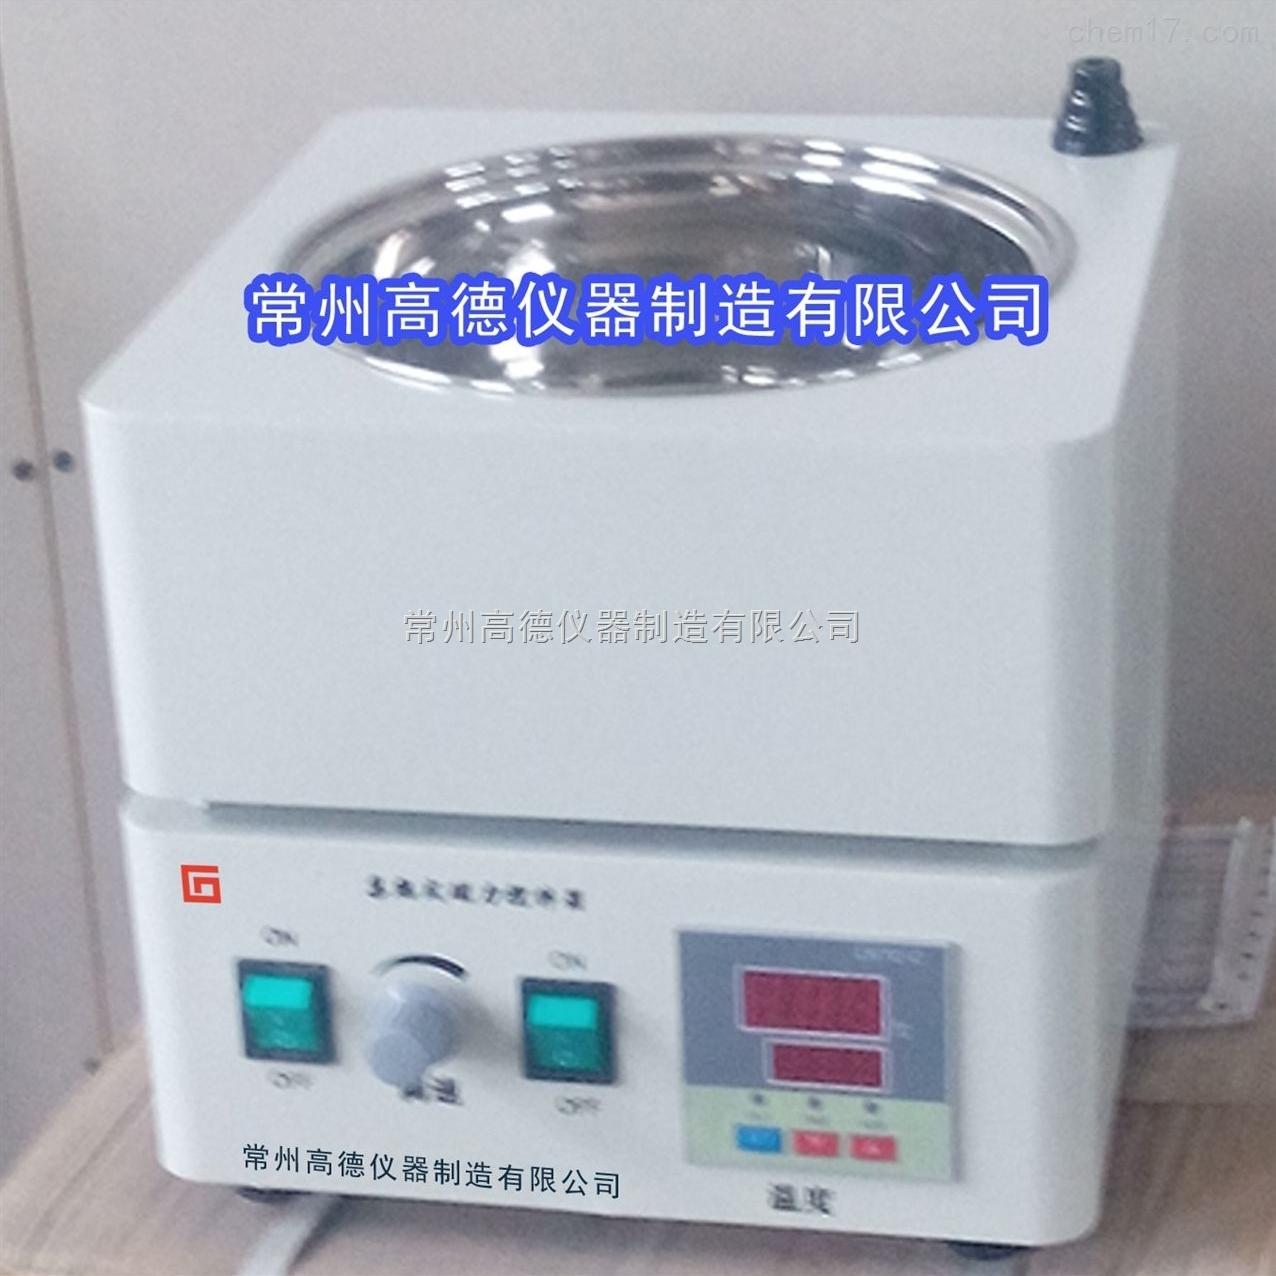 集热恒温水浴磁力搅拌器